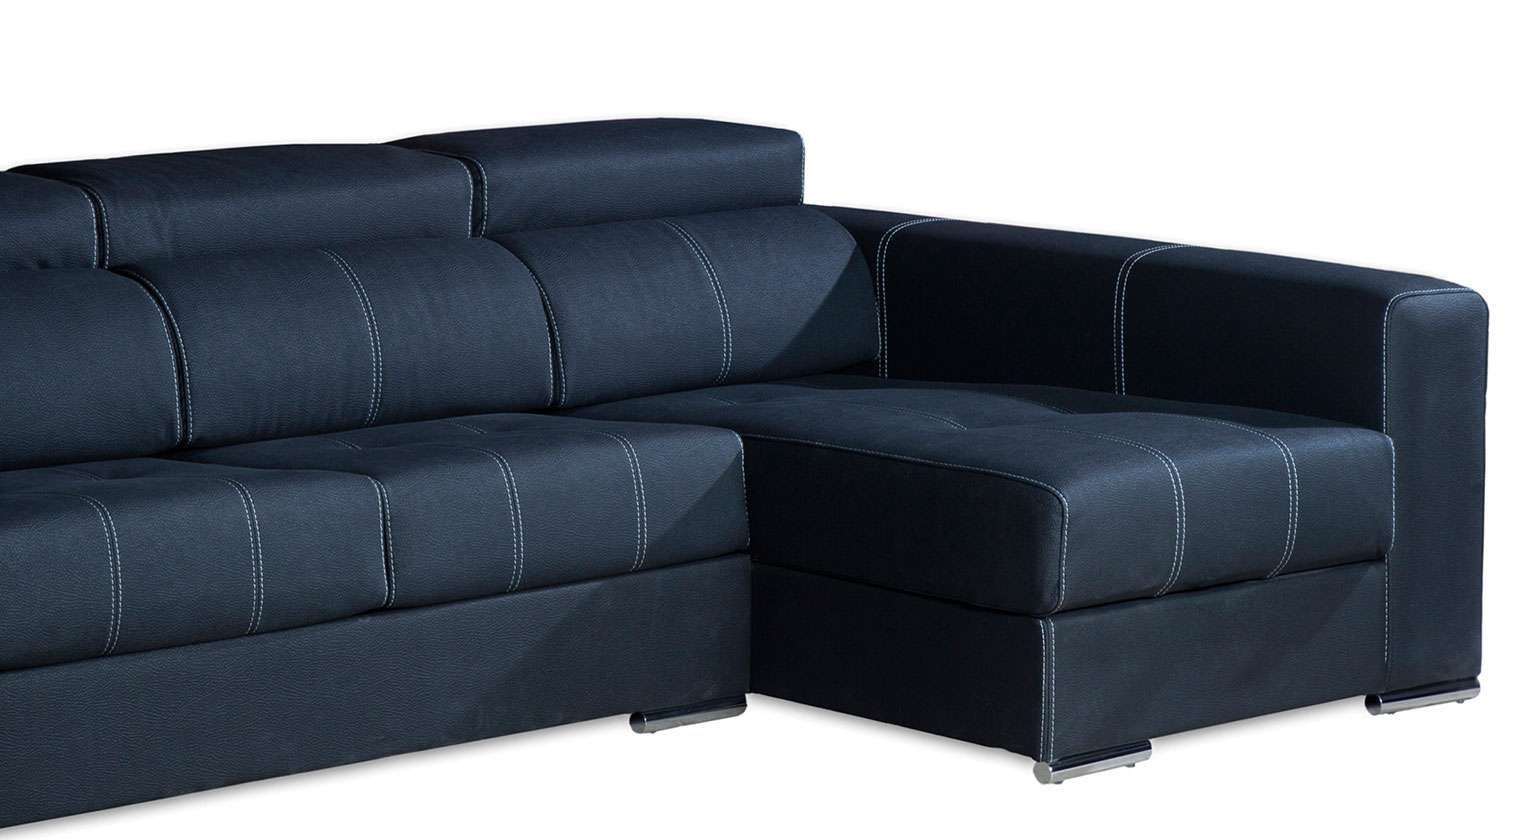 Comprar chaise longue valencia sofa 4 plazas microfibra mozart for Sofa extensible 4 plazas